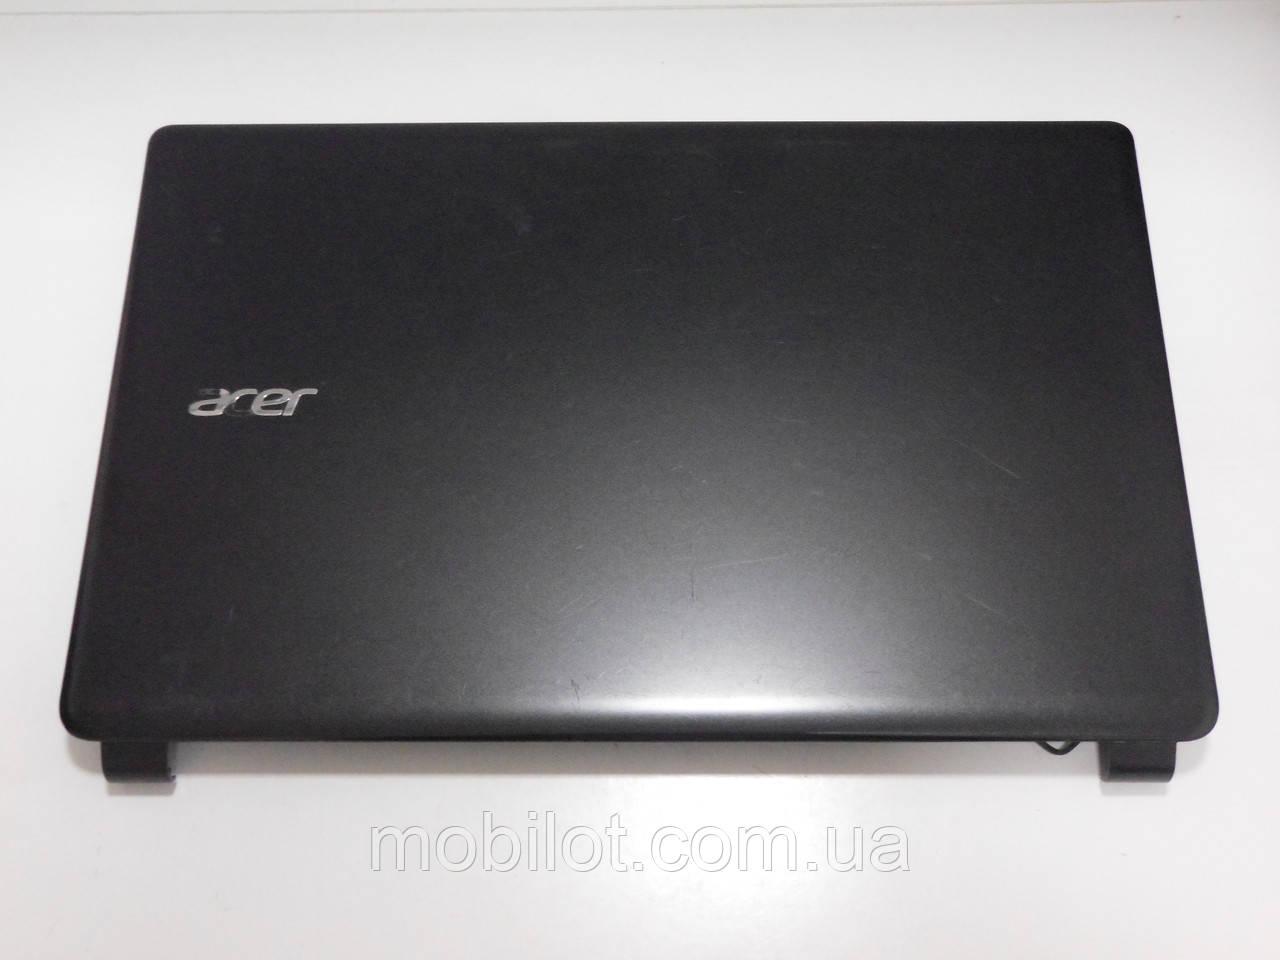 Корпус Acer E1-522 (NZ-8316) 5